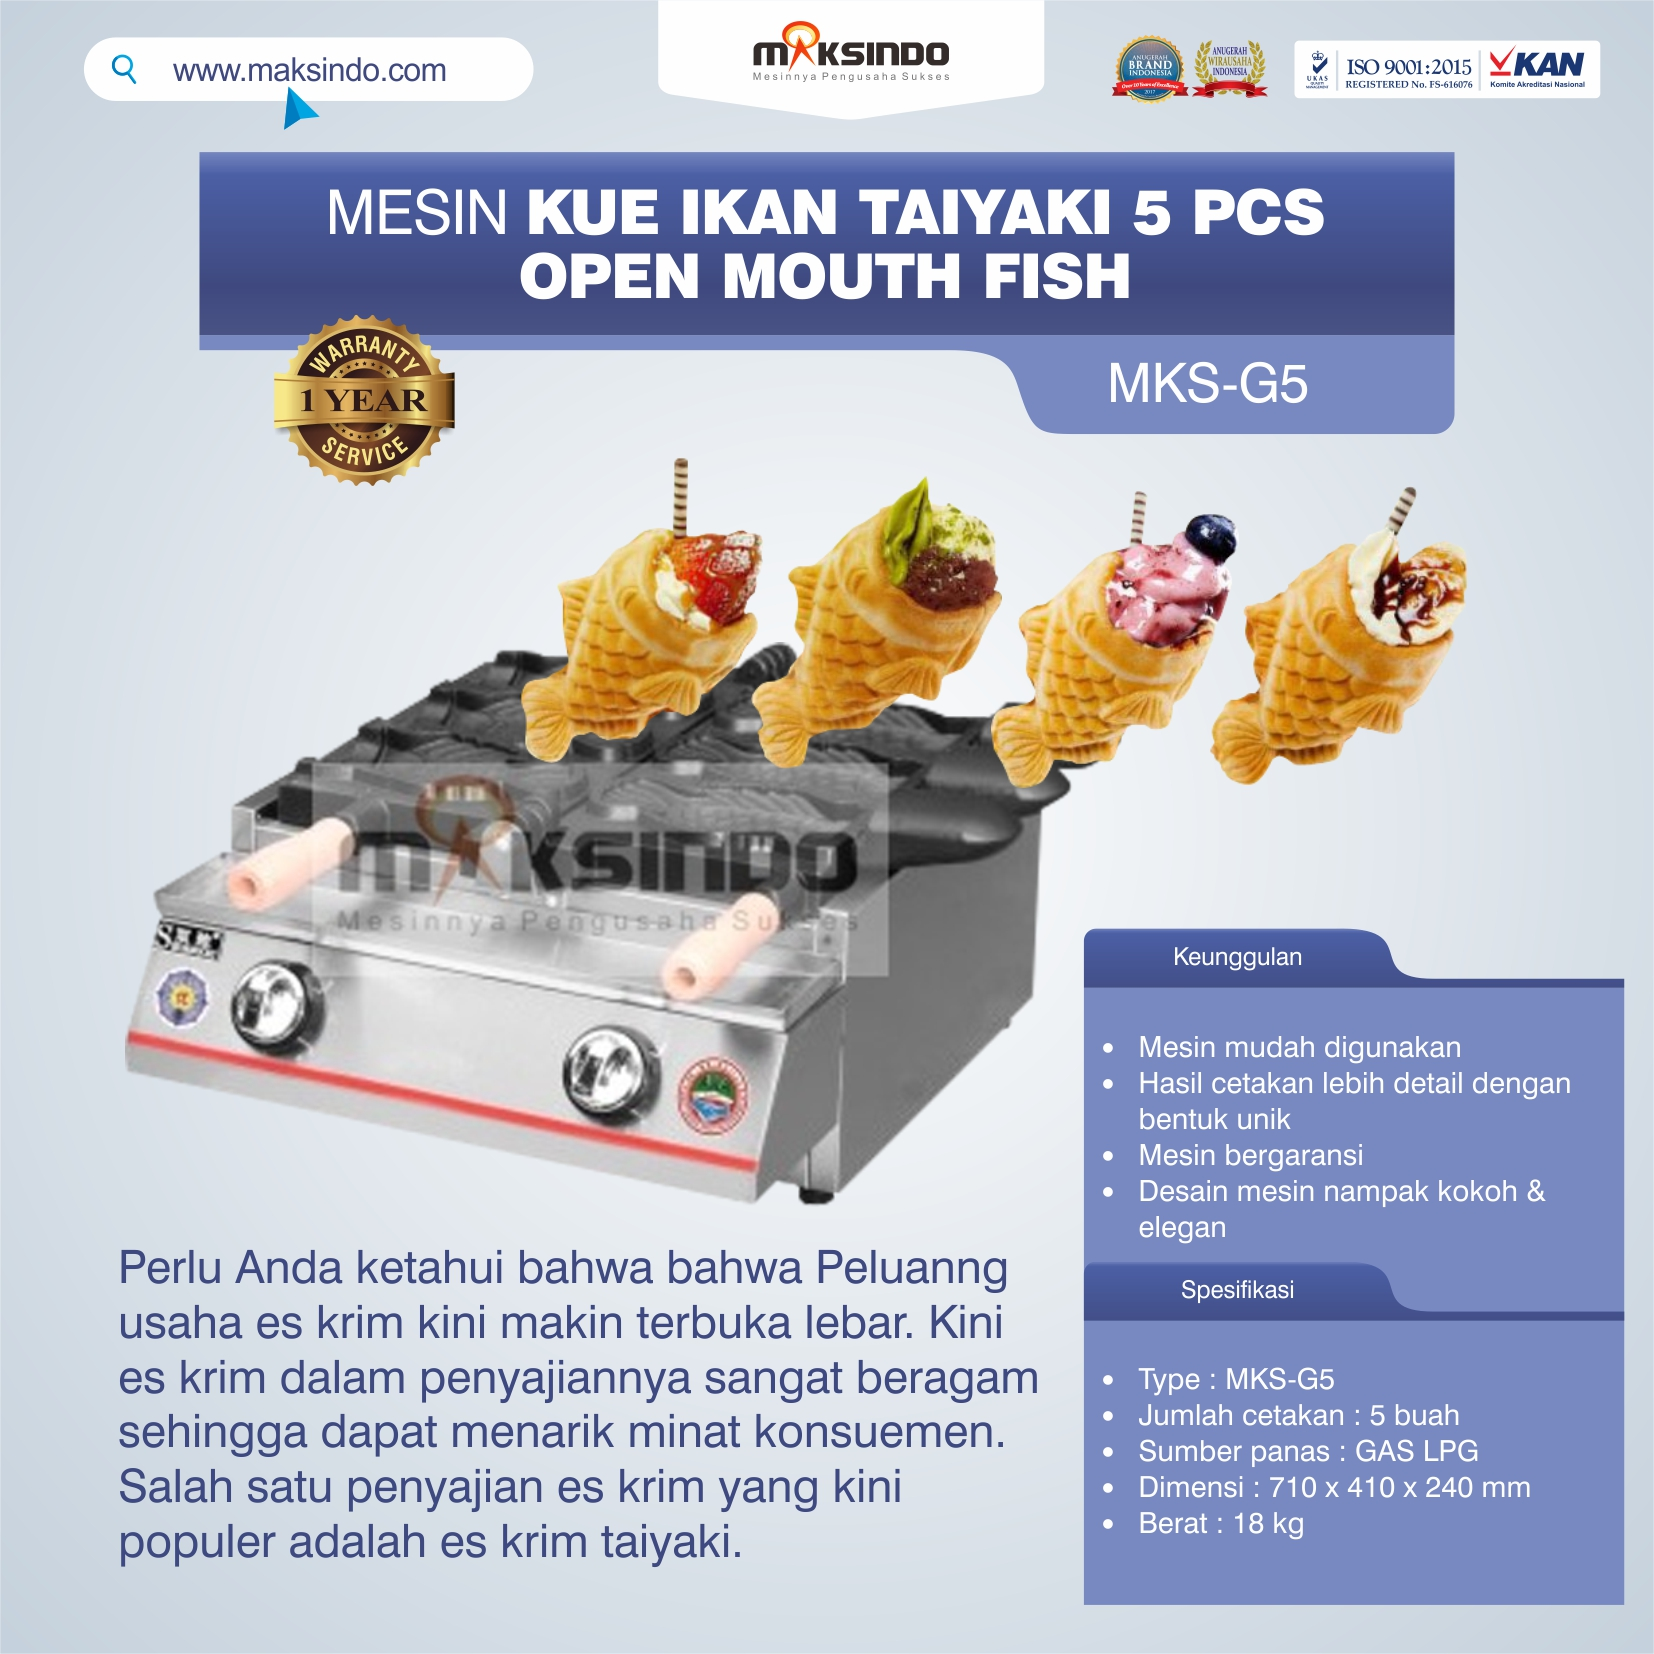 Jual Mesin Kue Ikan Taiyaki 5 Pcs – Open Mouth Fish di Yogyakarta